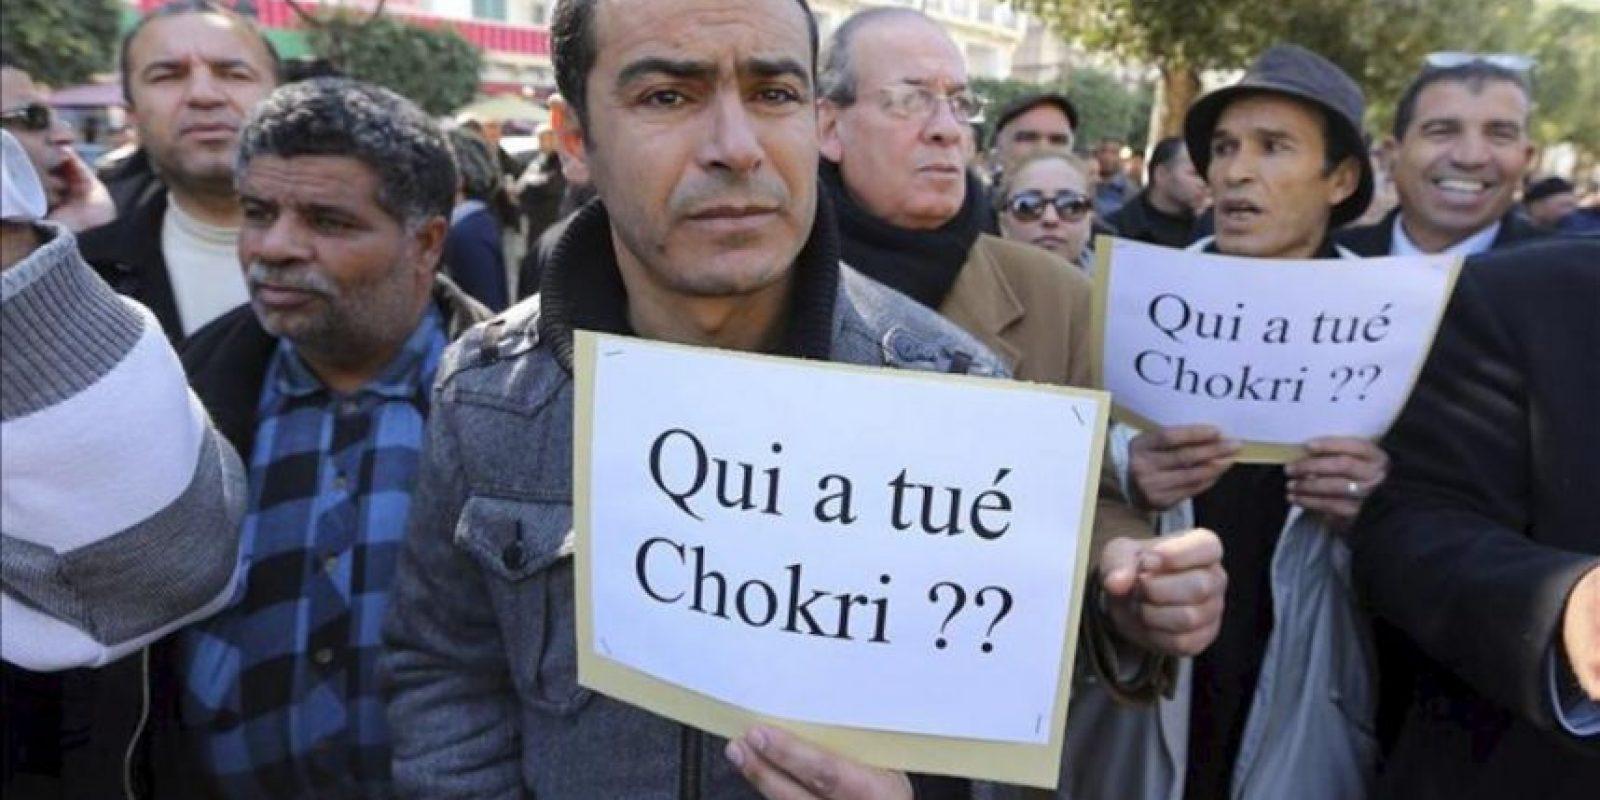 Varios manifestantes tunecinos sujetan carteles durante una protesta en la Avenida de Burguiba de Túnez, Túnez hoy, miércoles 27 de febrero de 2013. EFE